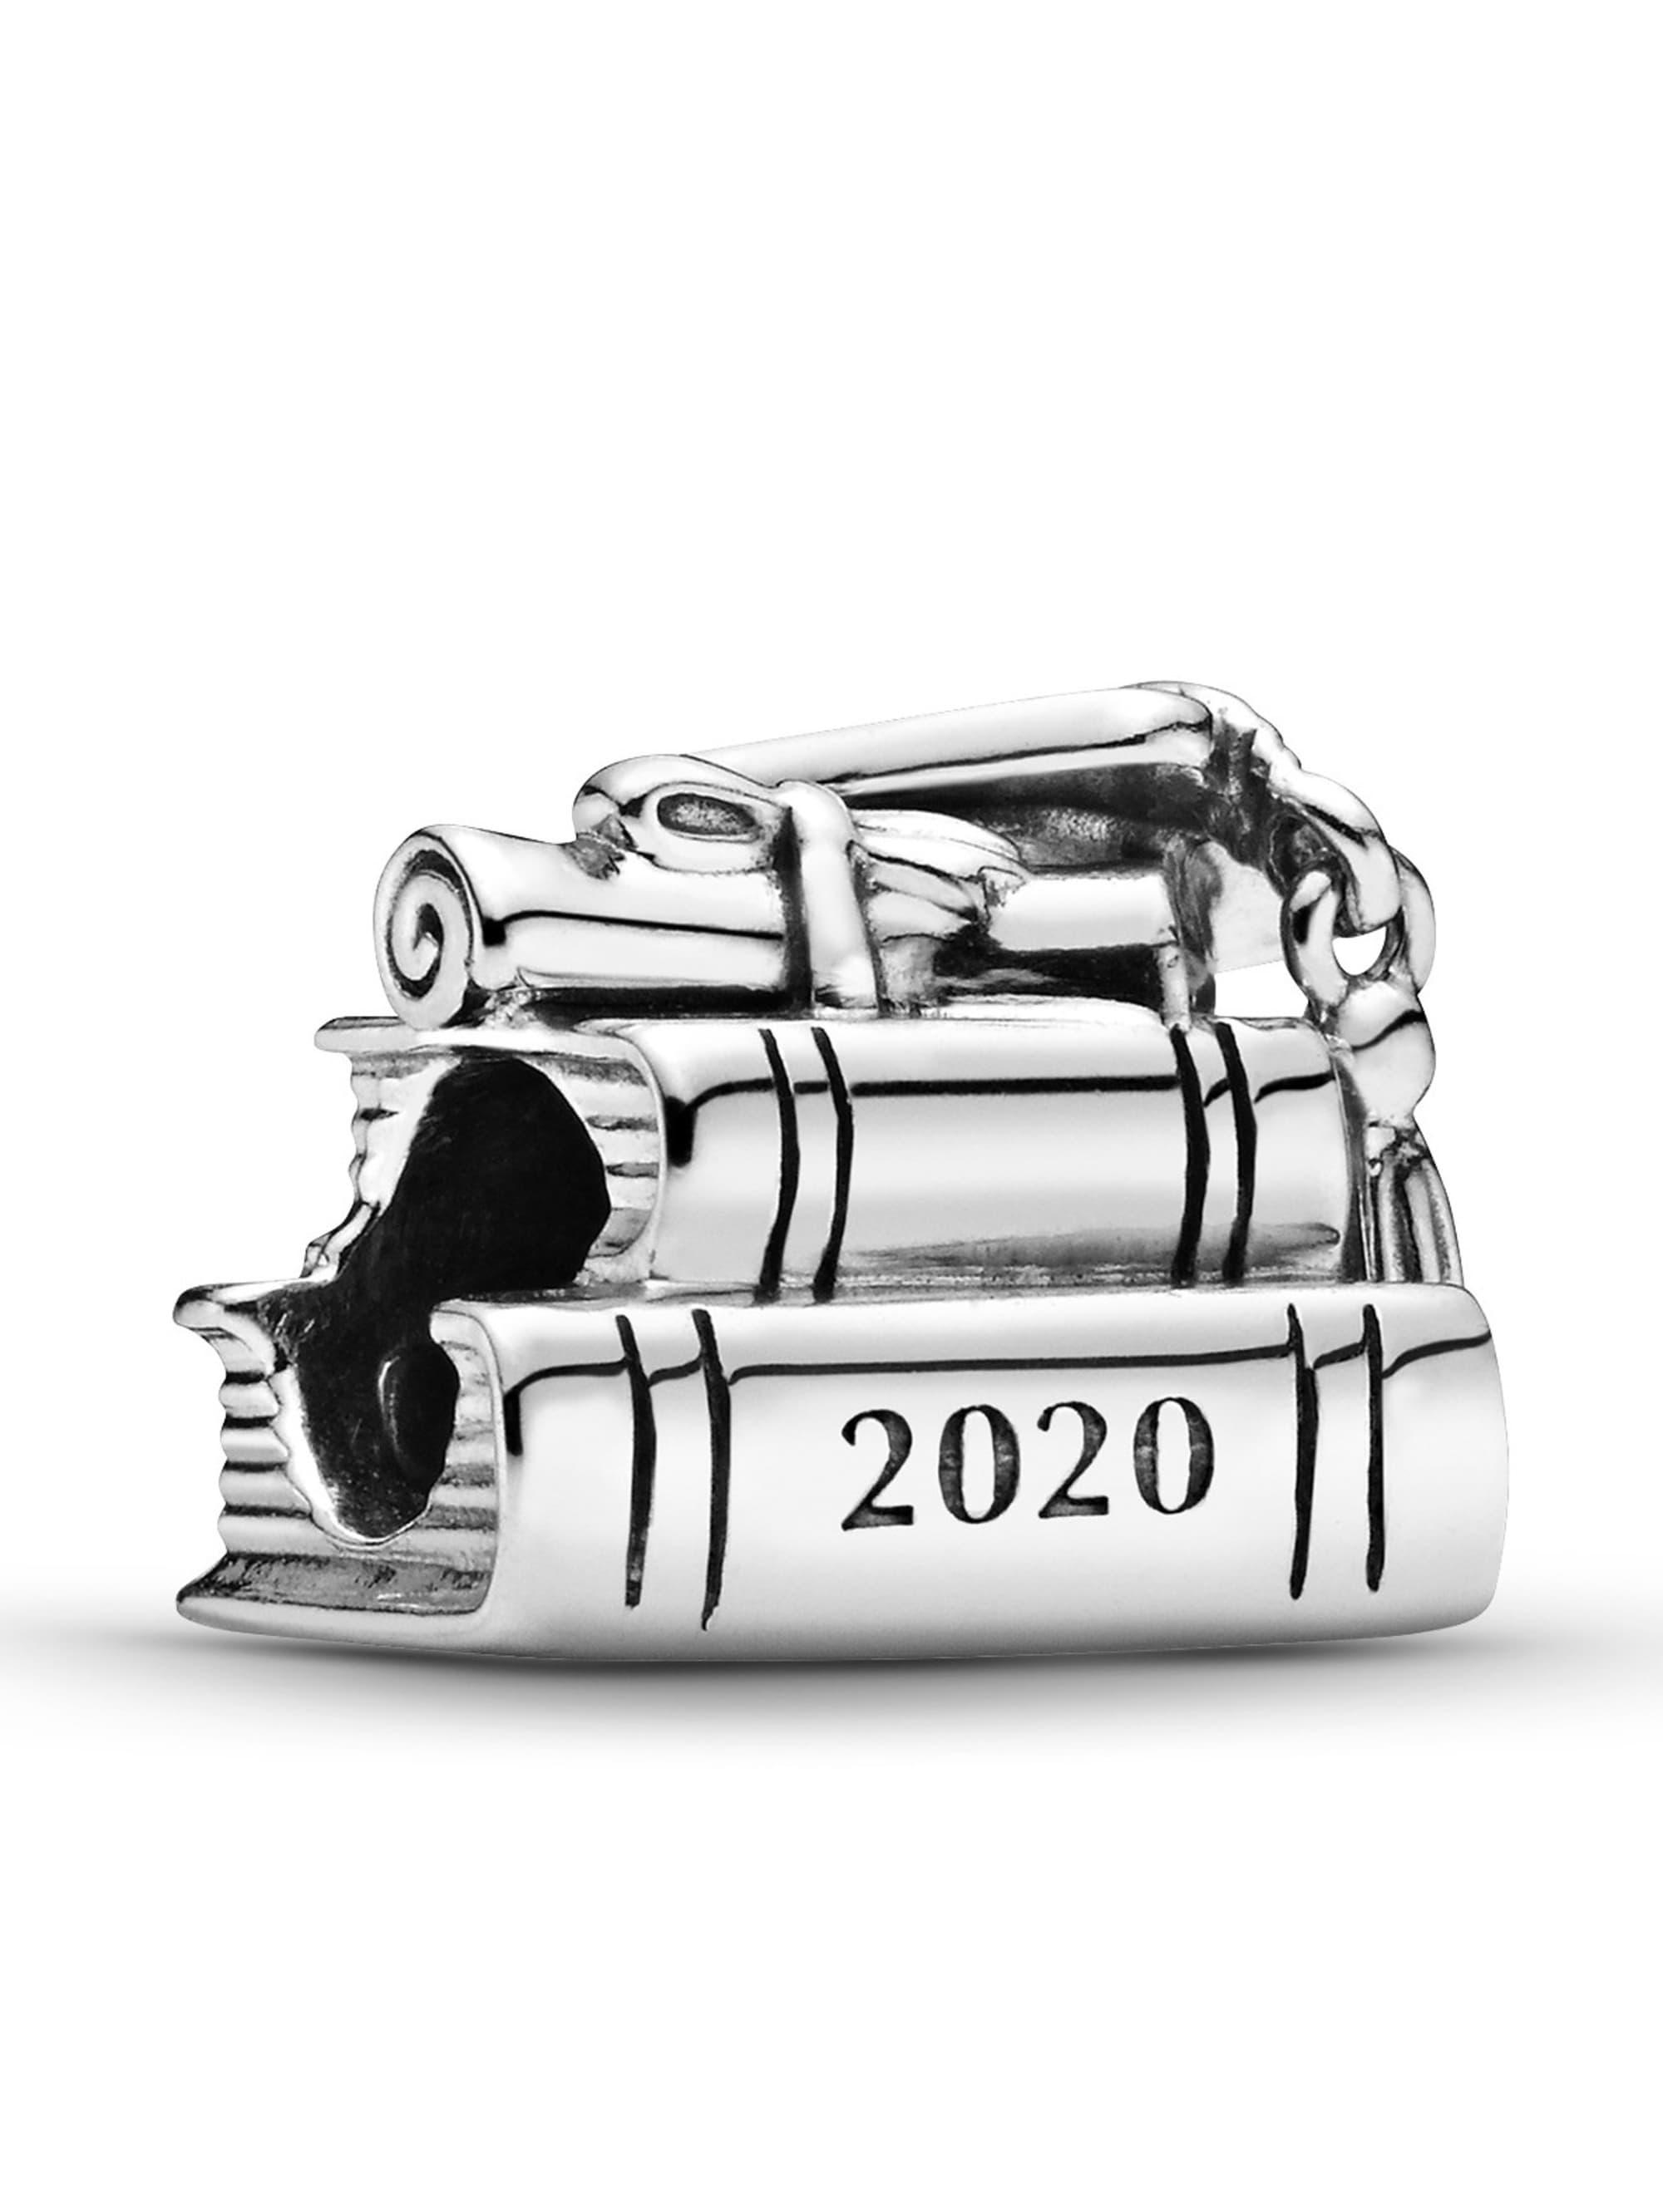 Pandora Charm -Abschlussbücher 2020- 798910C00 wB9F1